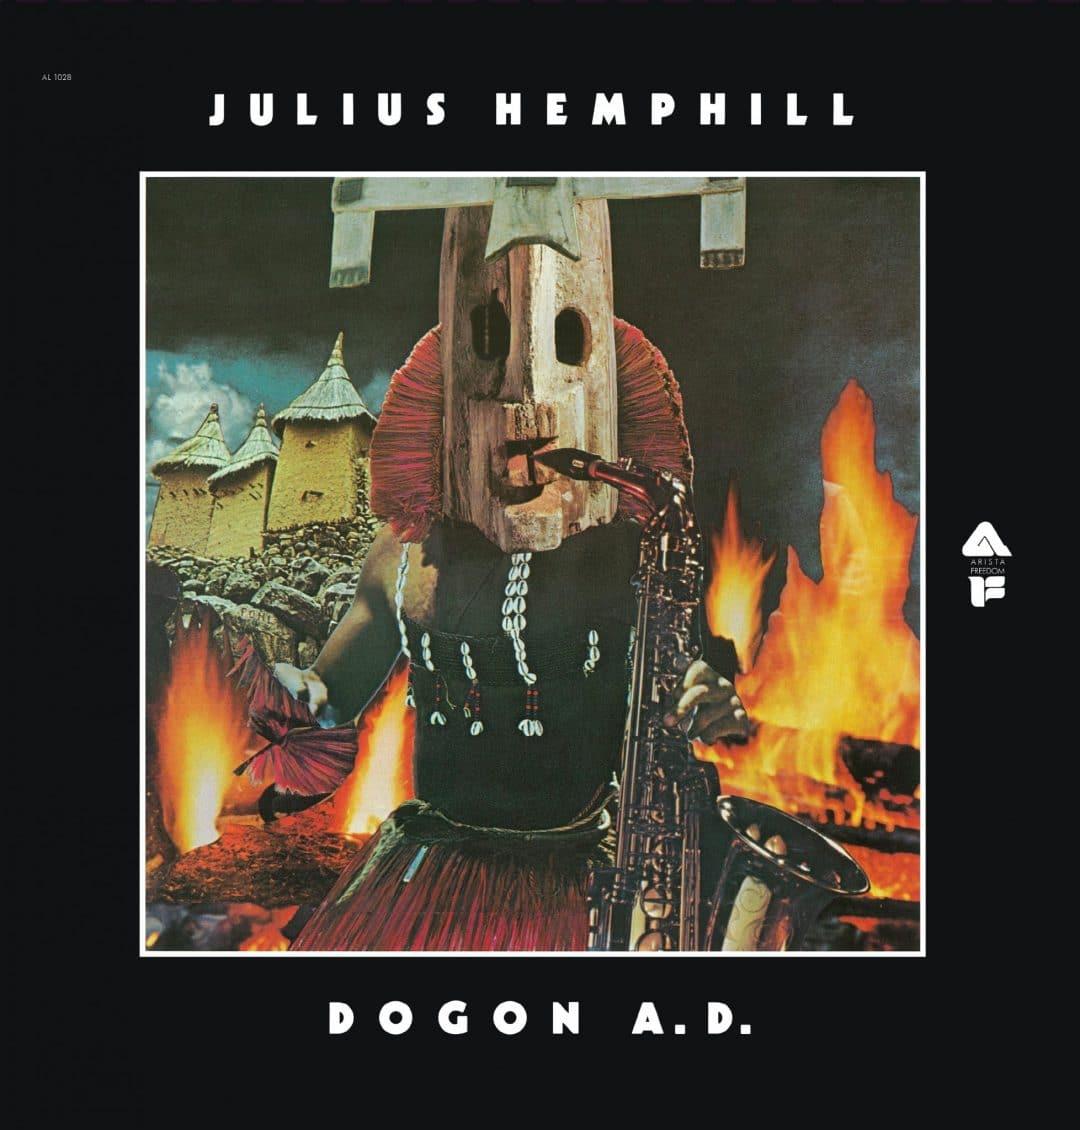 Julius Hemphill, DOGON A.D. FRONT COVER